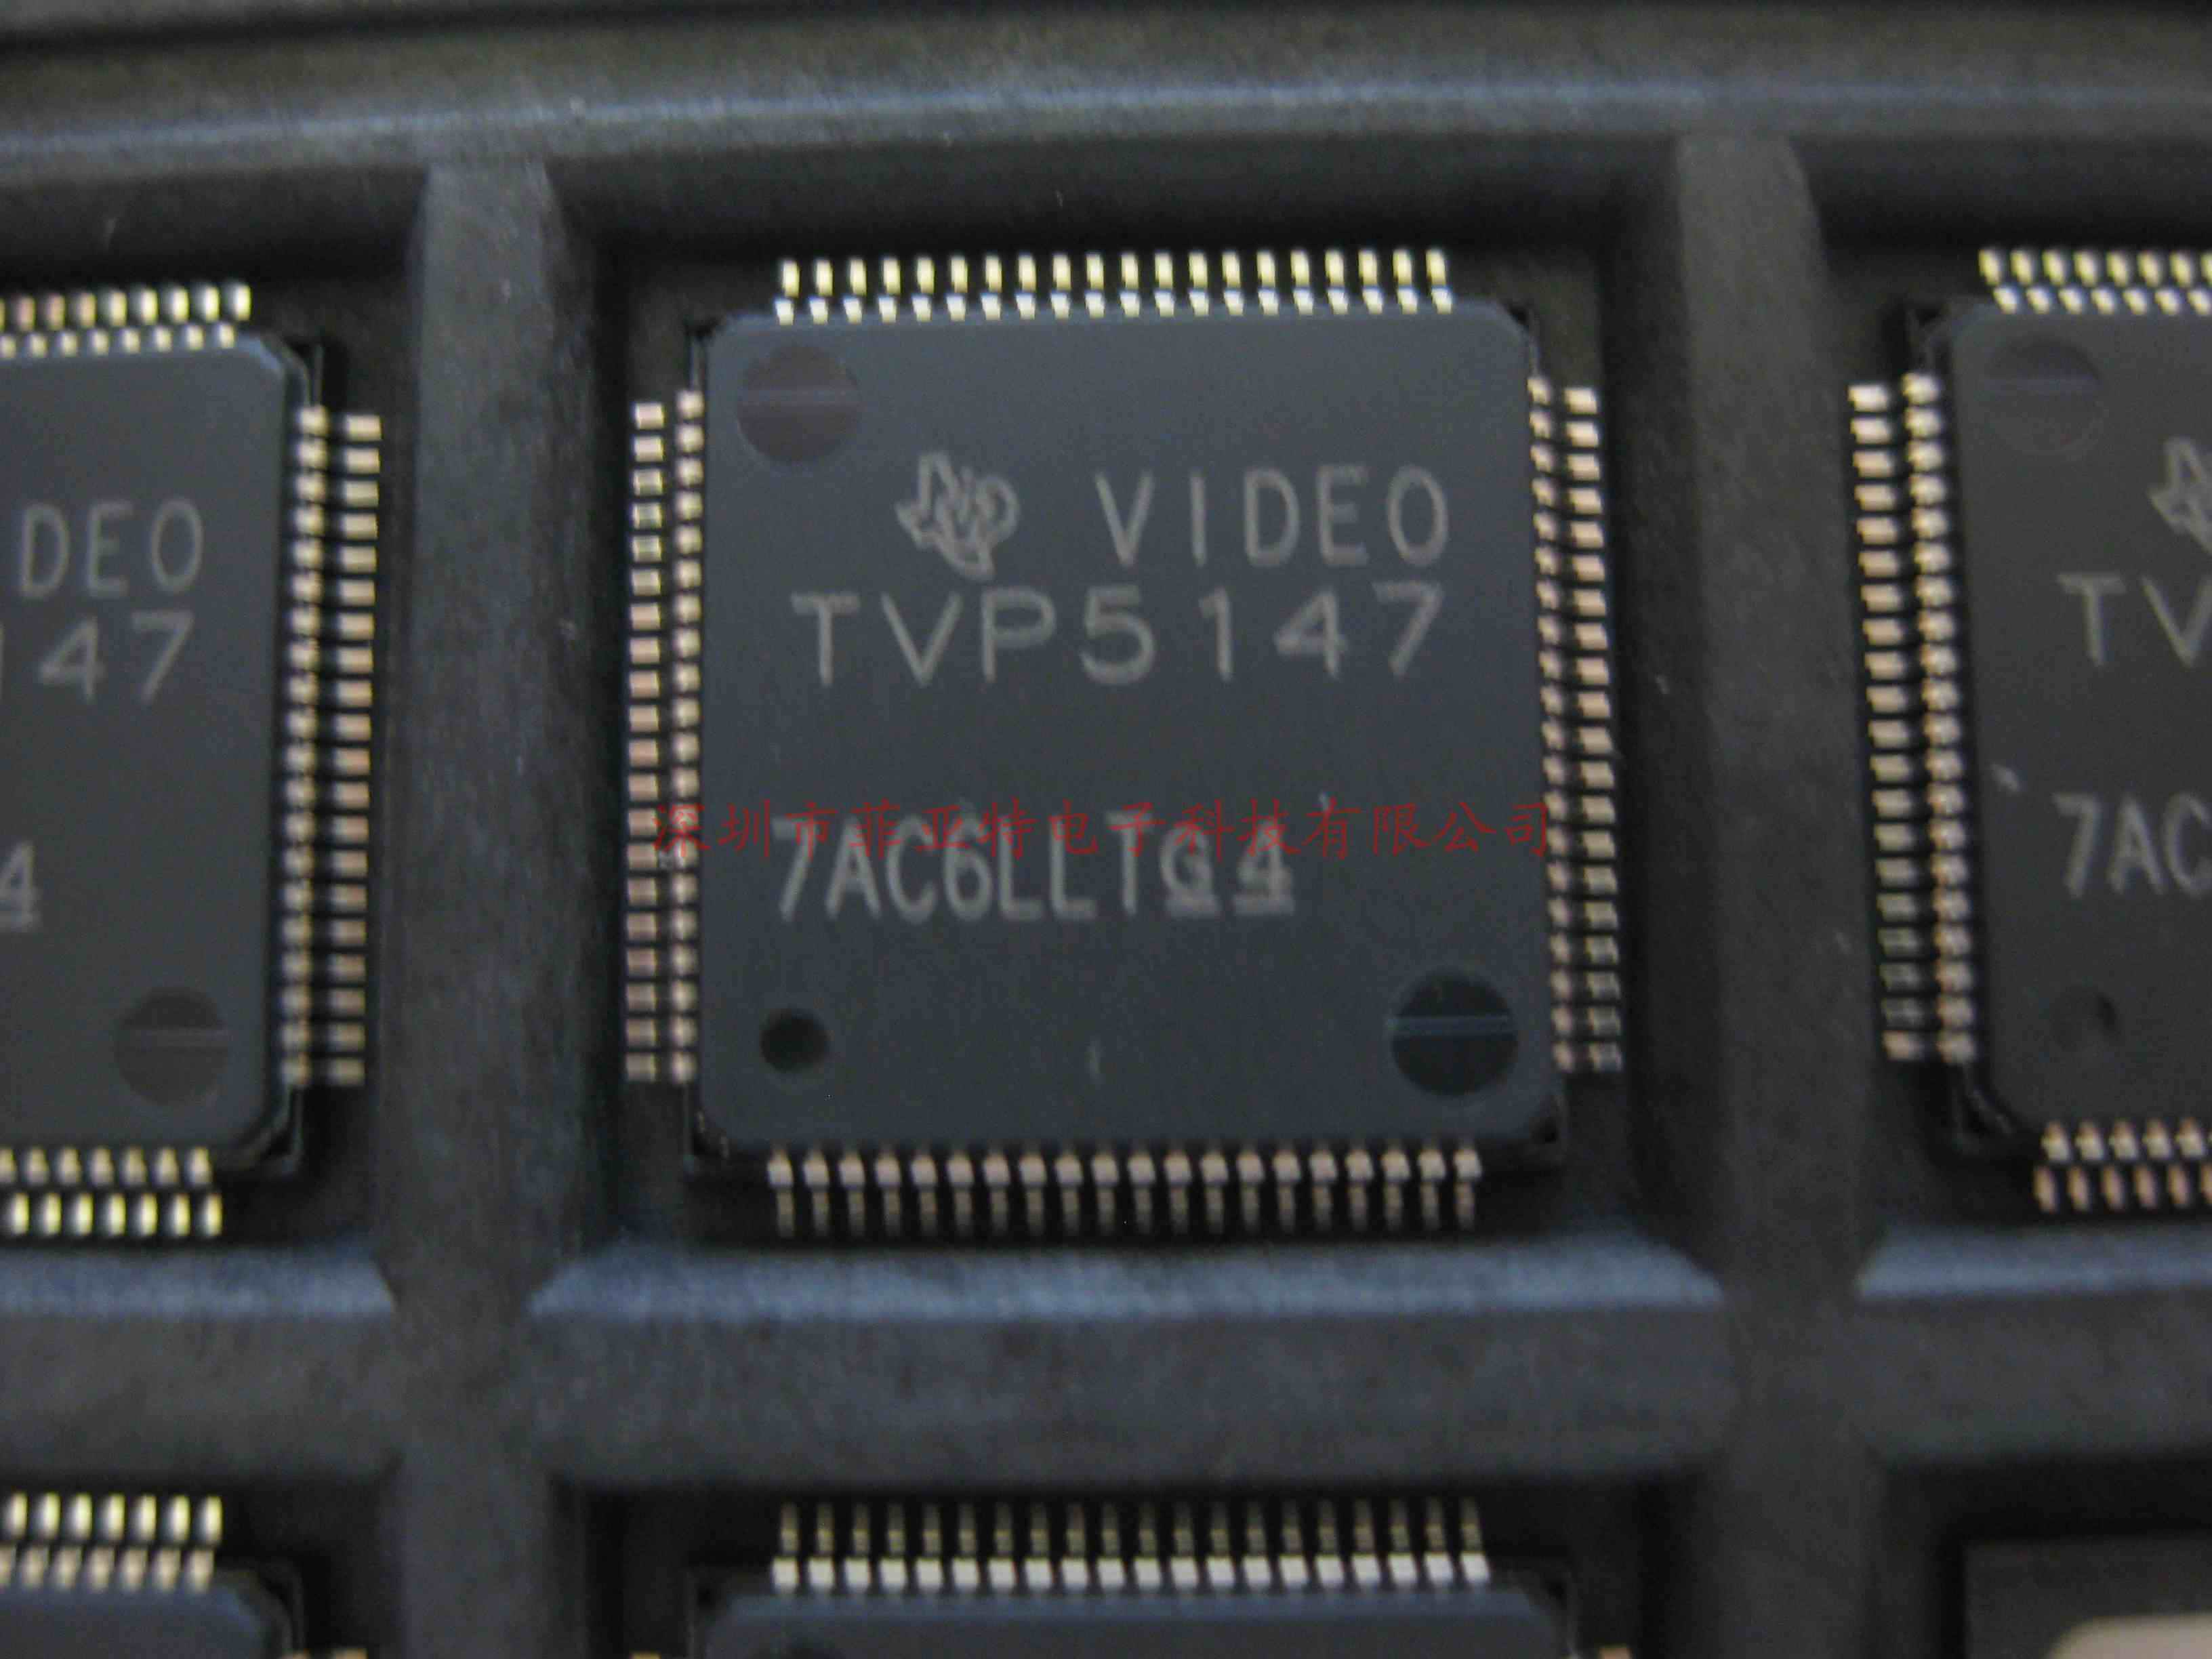 tvp5147